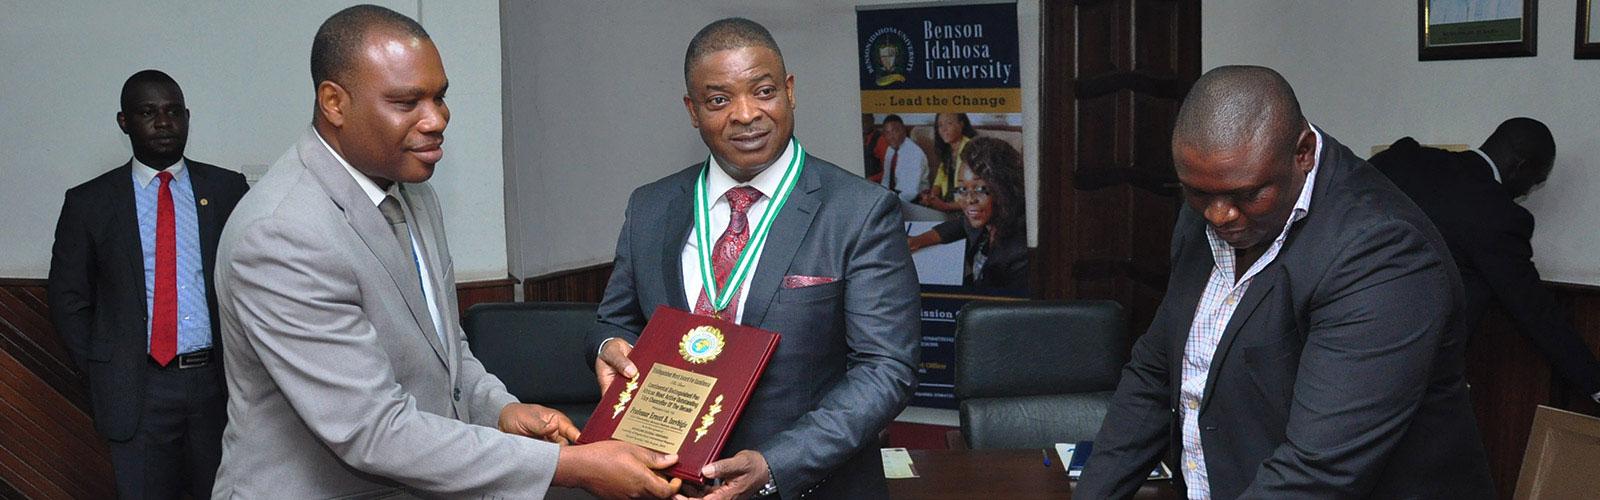 BIU,-VC_-Baggs-merit-awards